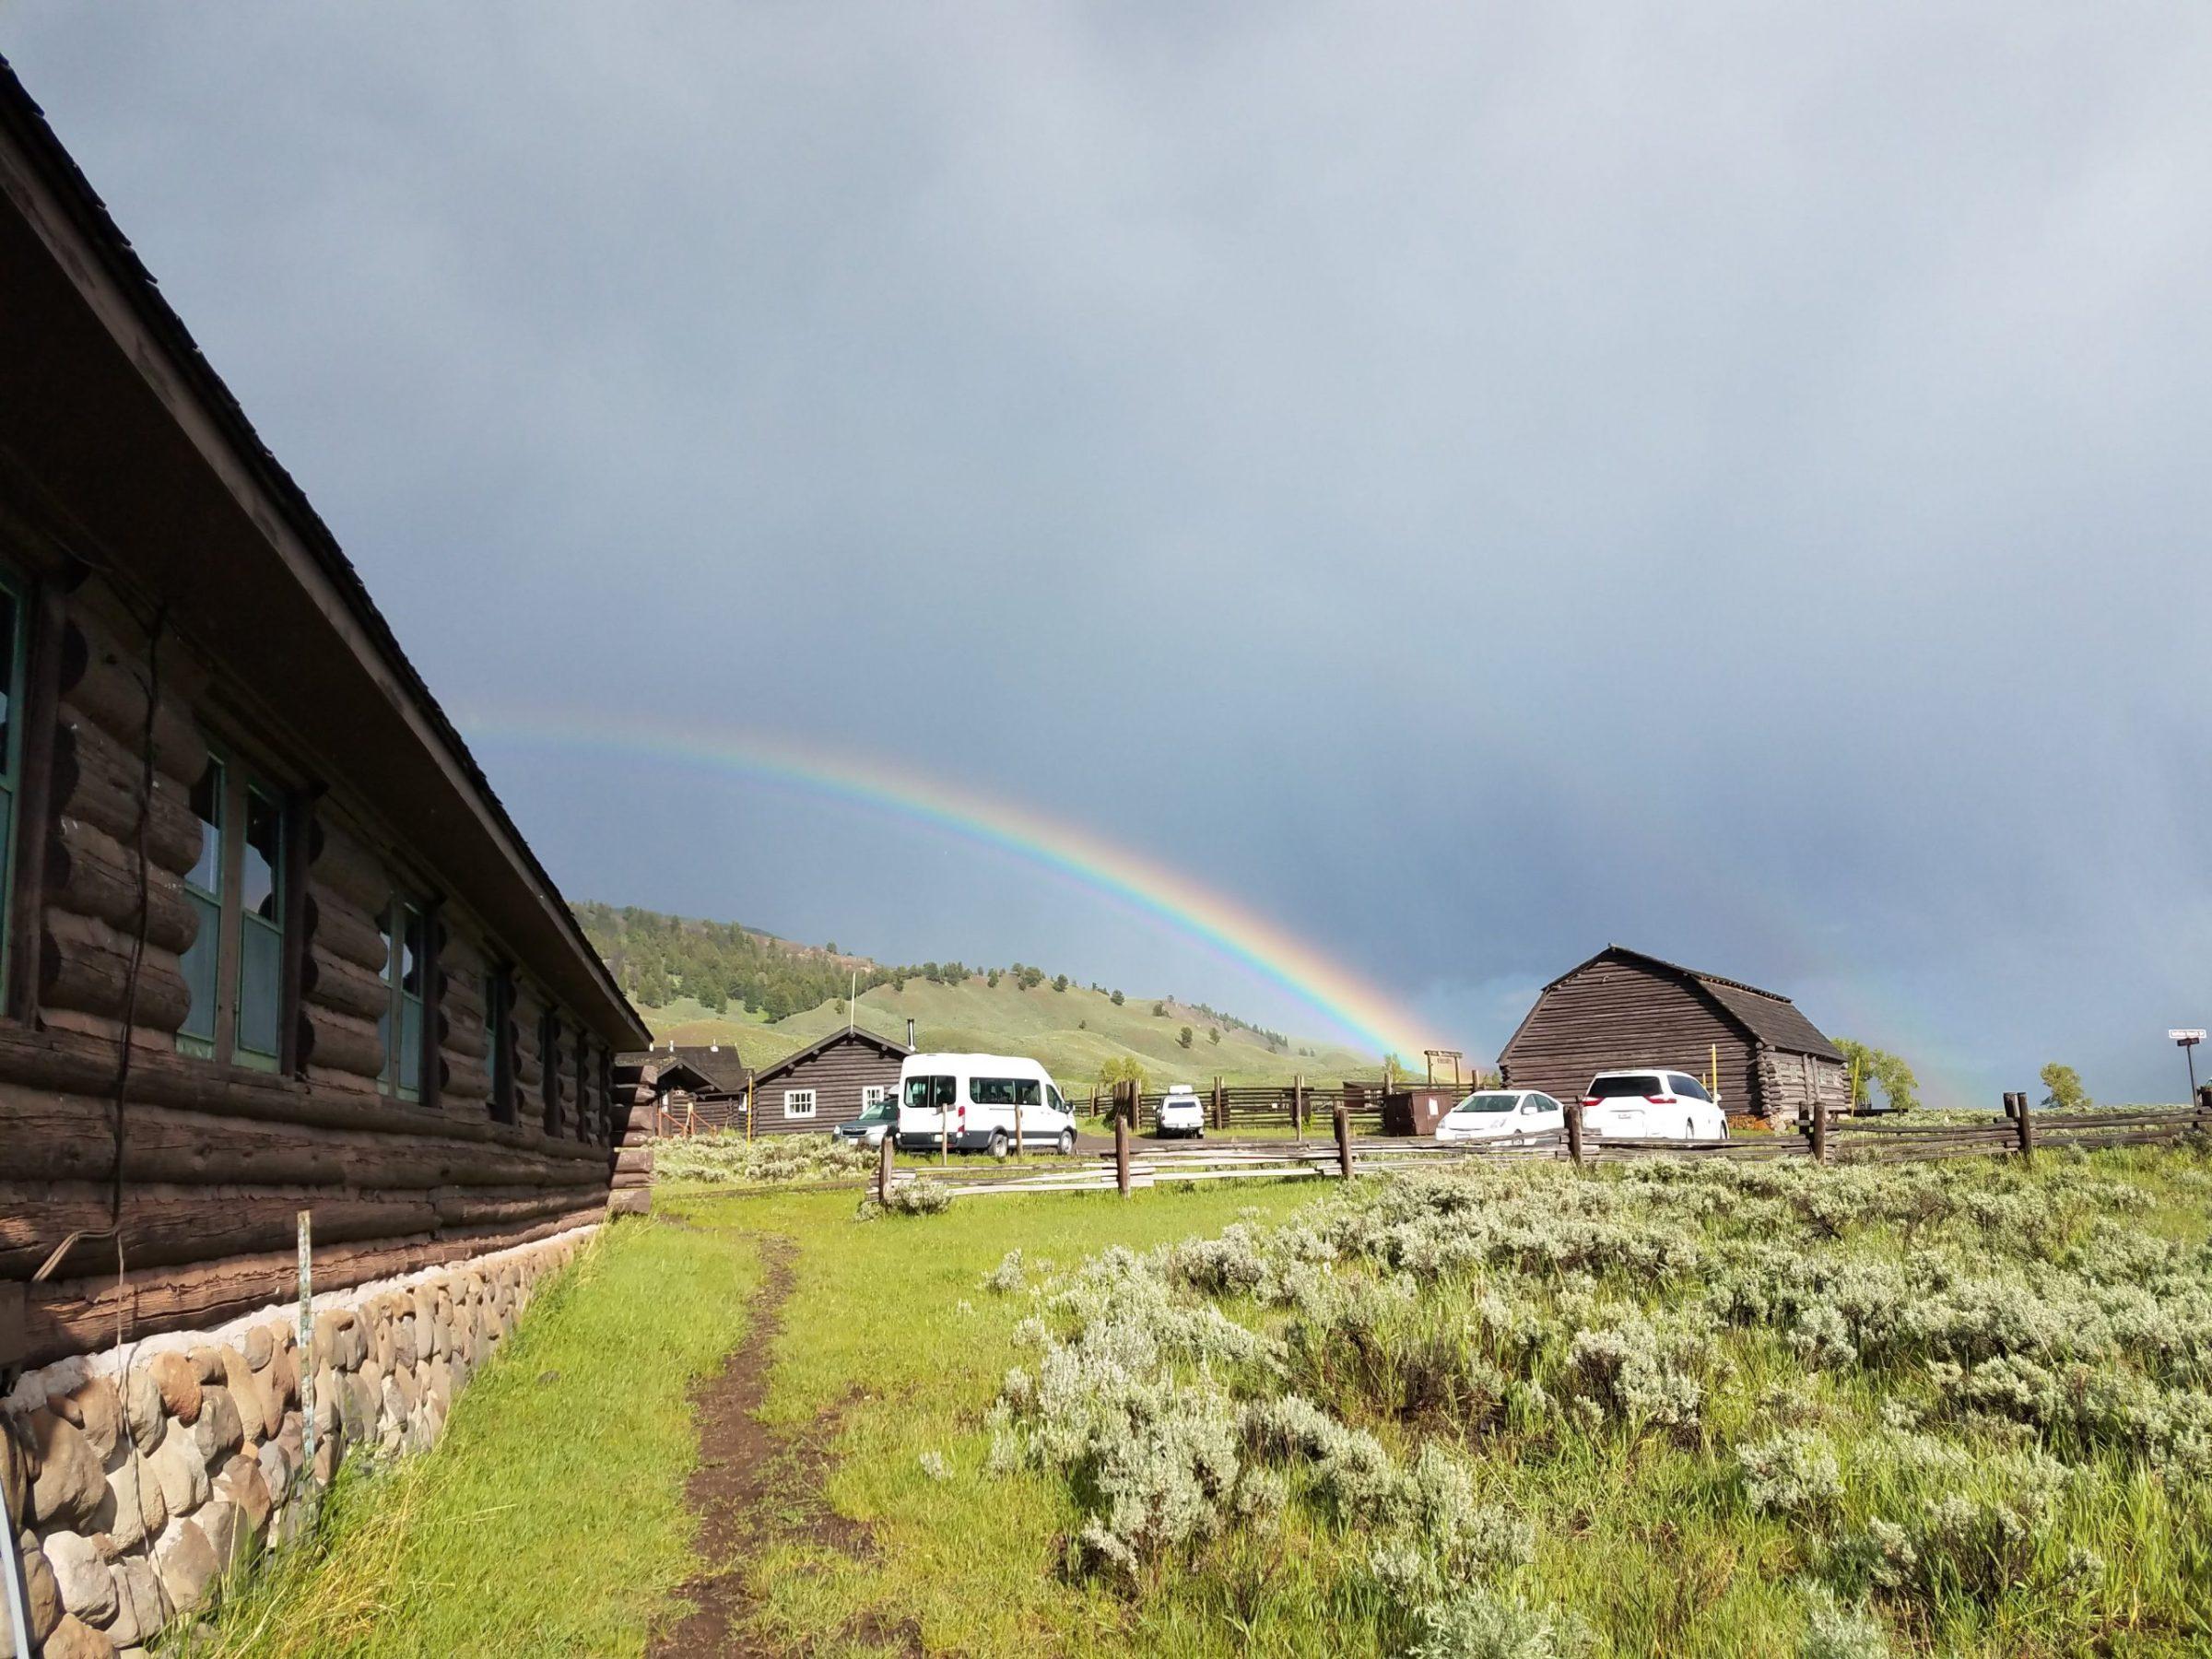 Un arc-en-ciel surplombe le Lamar Buffalo Ranch